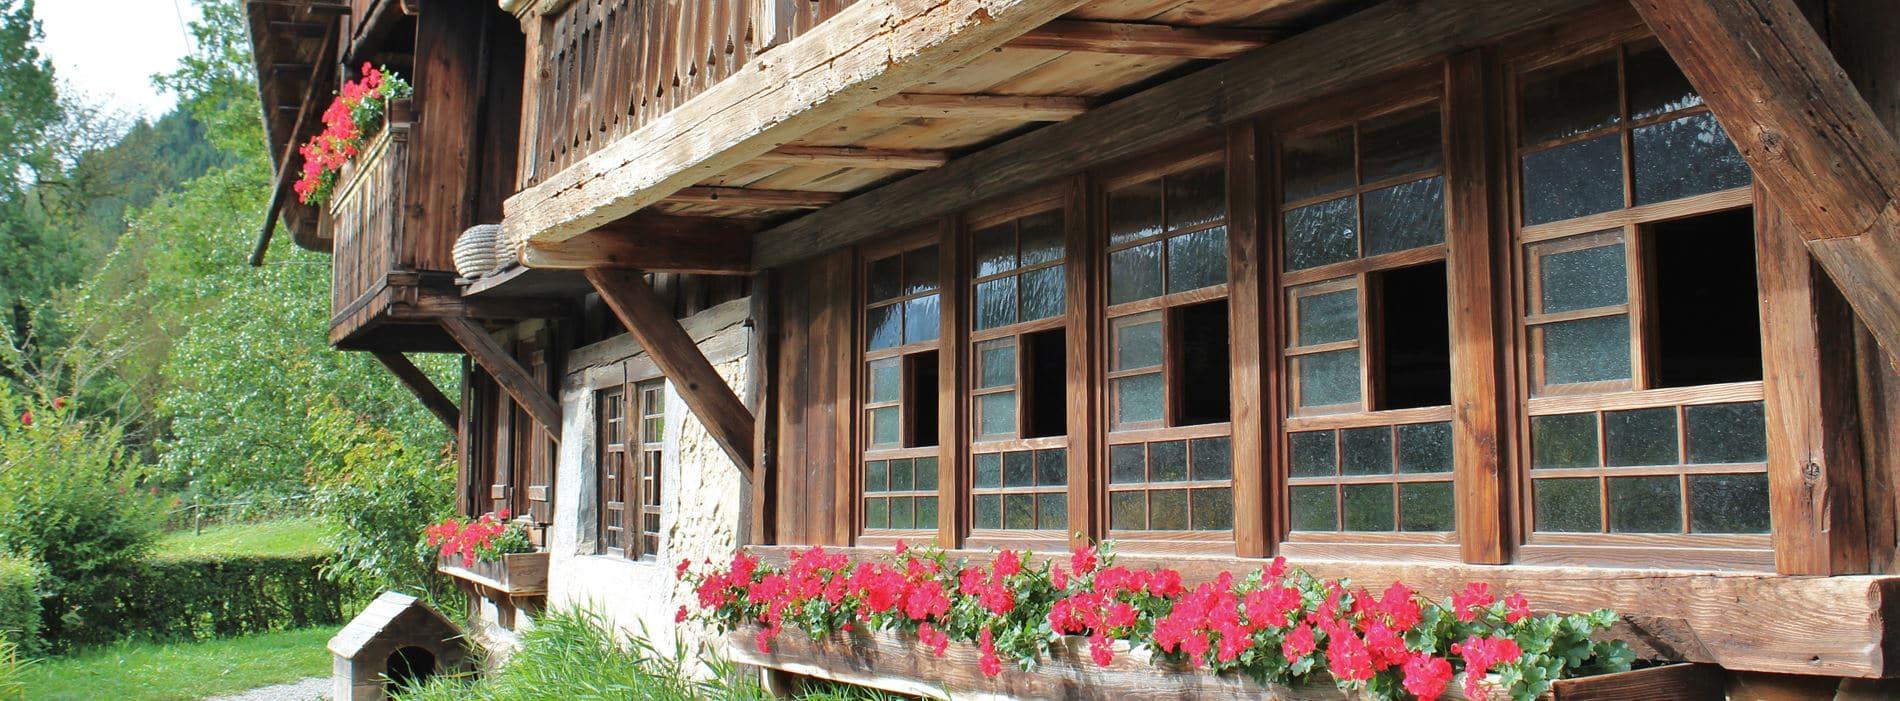 ferienhof-buehrer-vogtsbauernhof